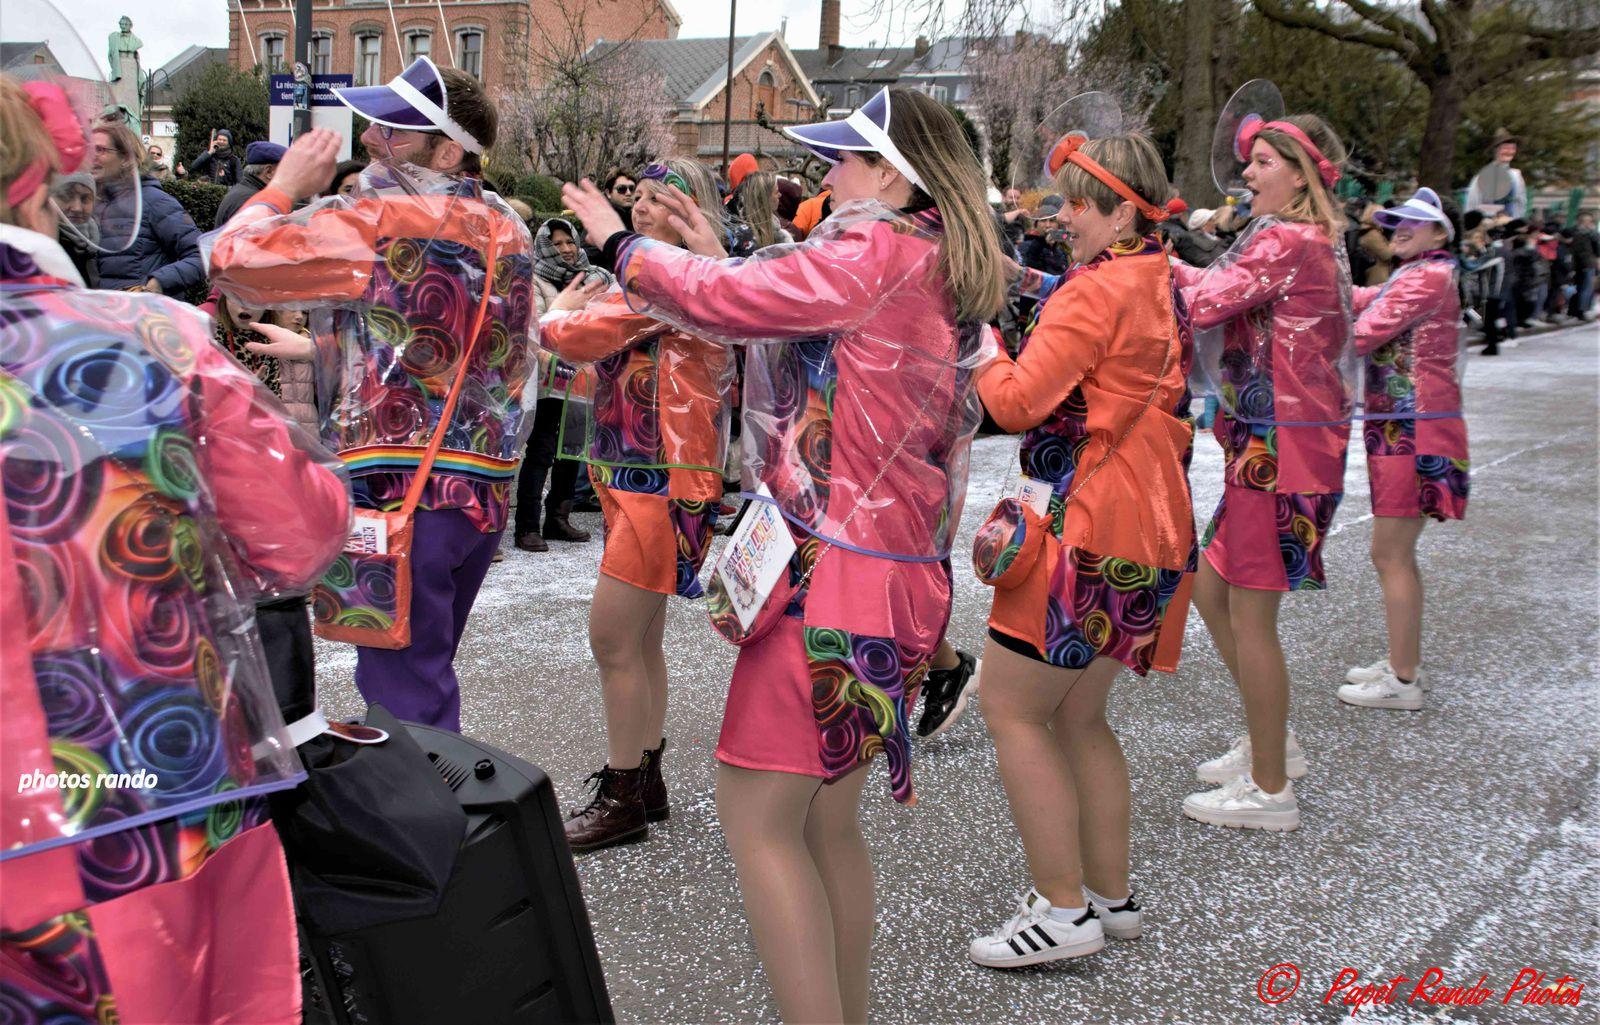 Une cavalcade 5 etoiles, avec des groupes 4 coins de la Belgique, France, & du Monde ( 22 groupes) avec une organisation au TOP comme chaque année